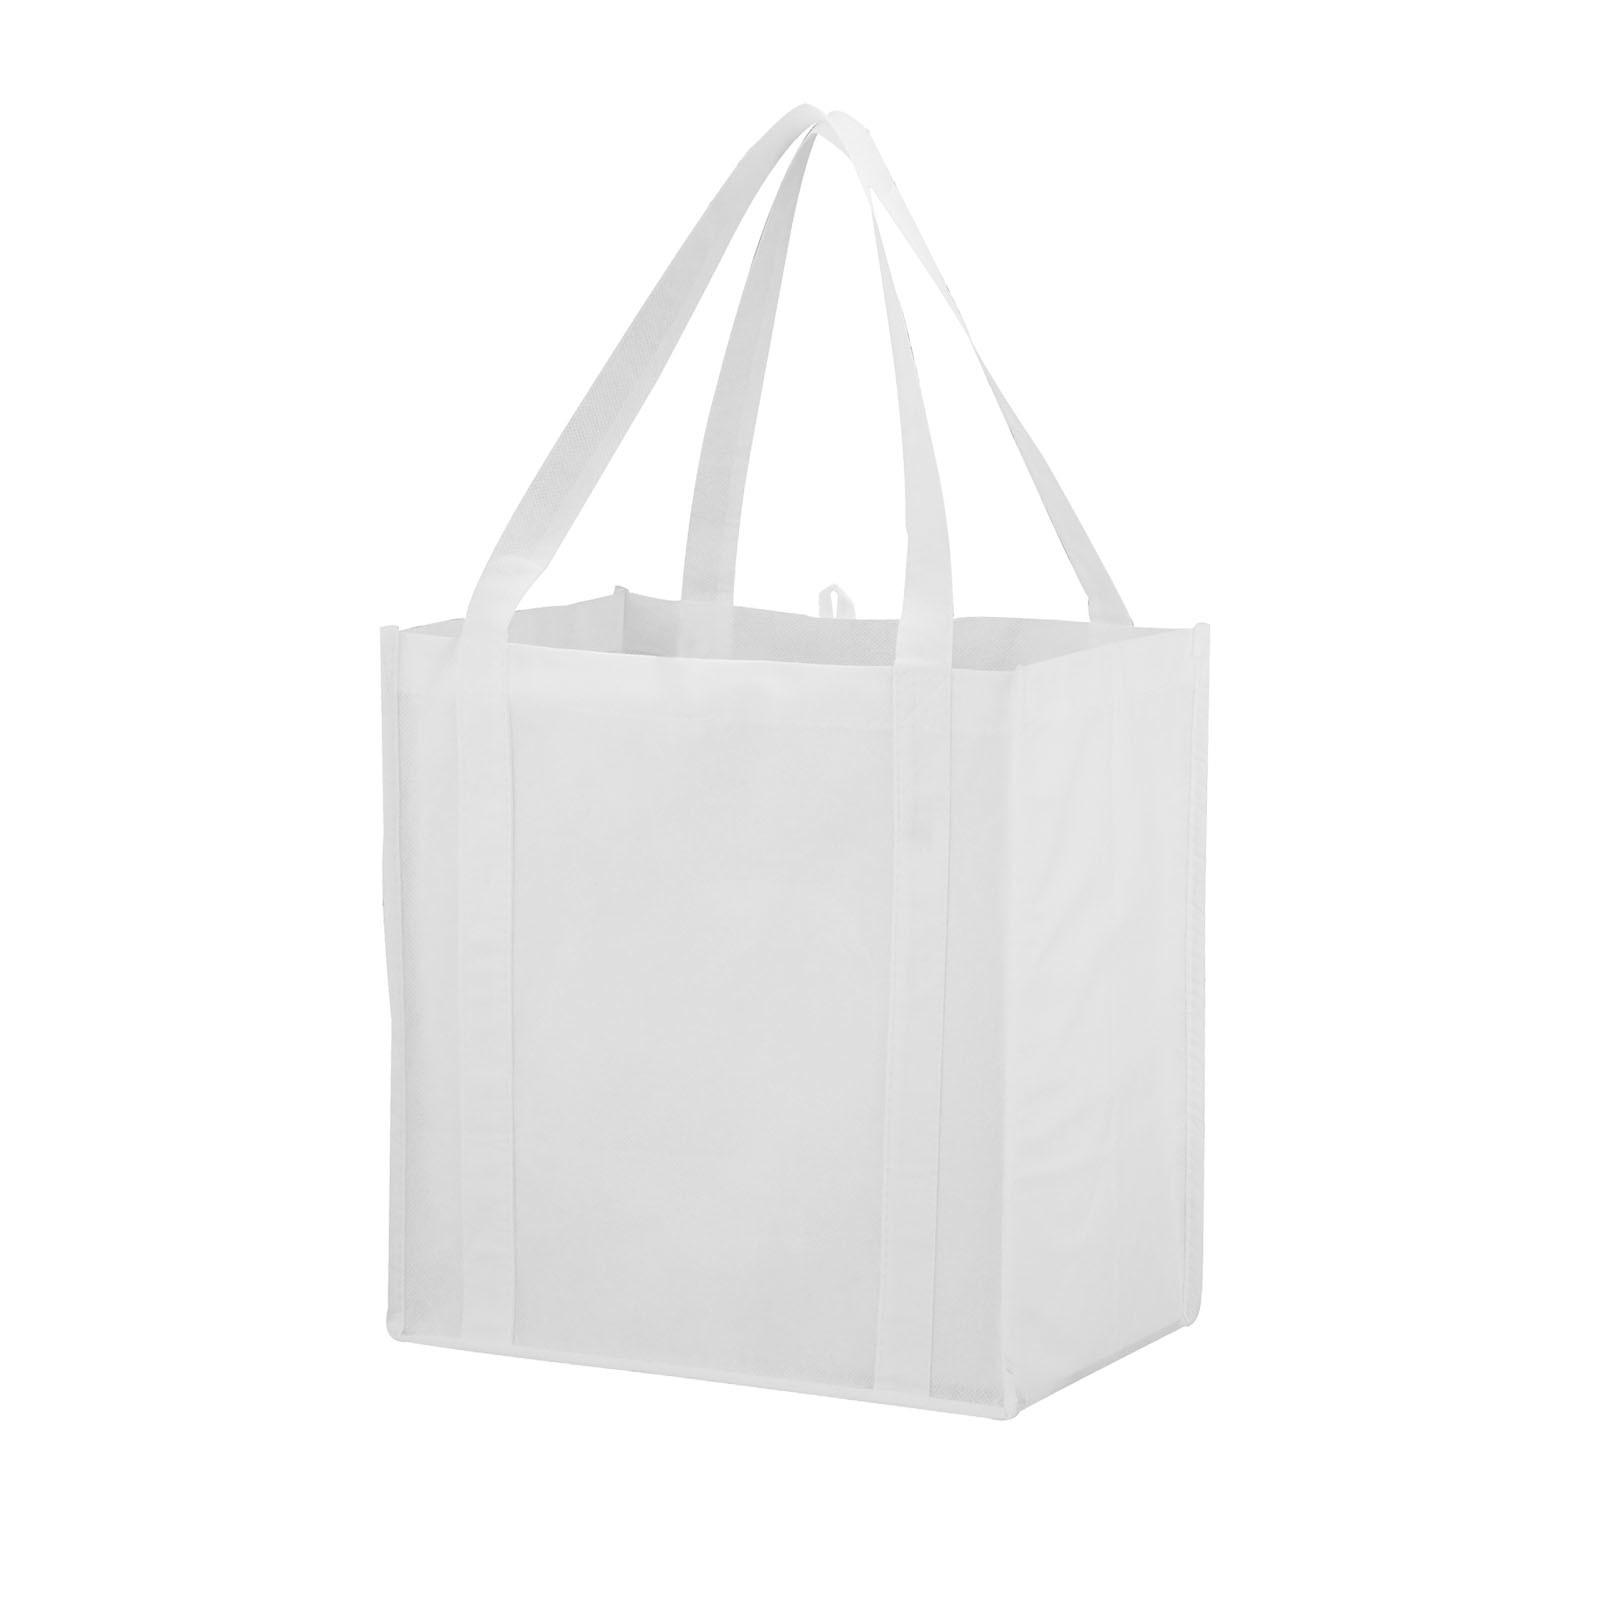 Juno small bottom board non-woven tote bag - White